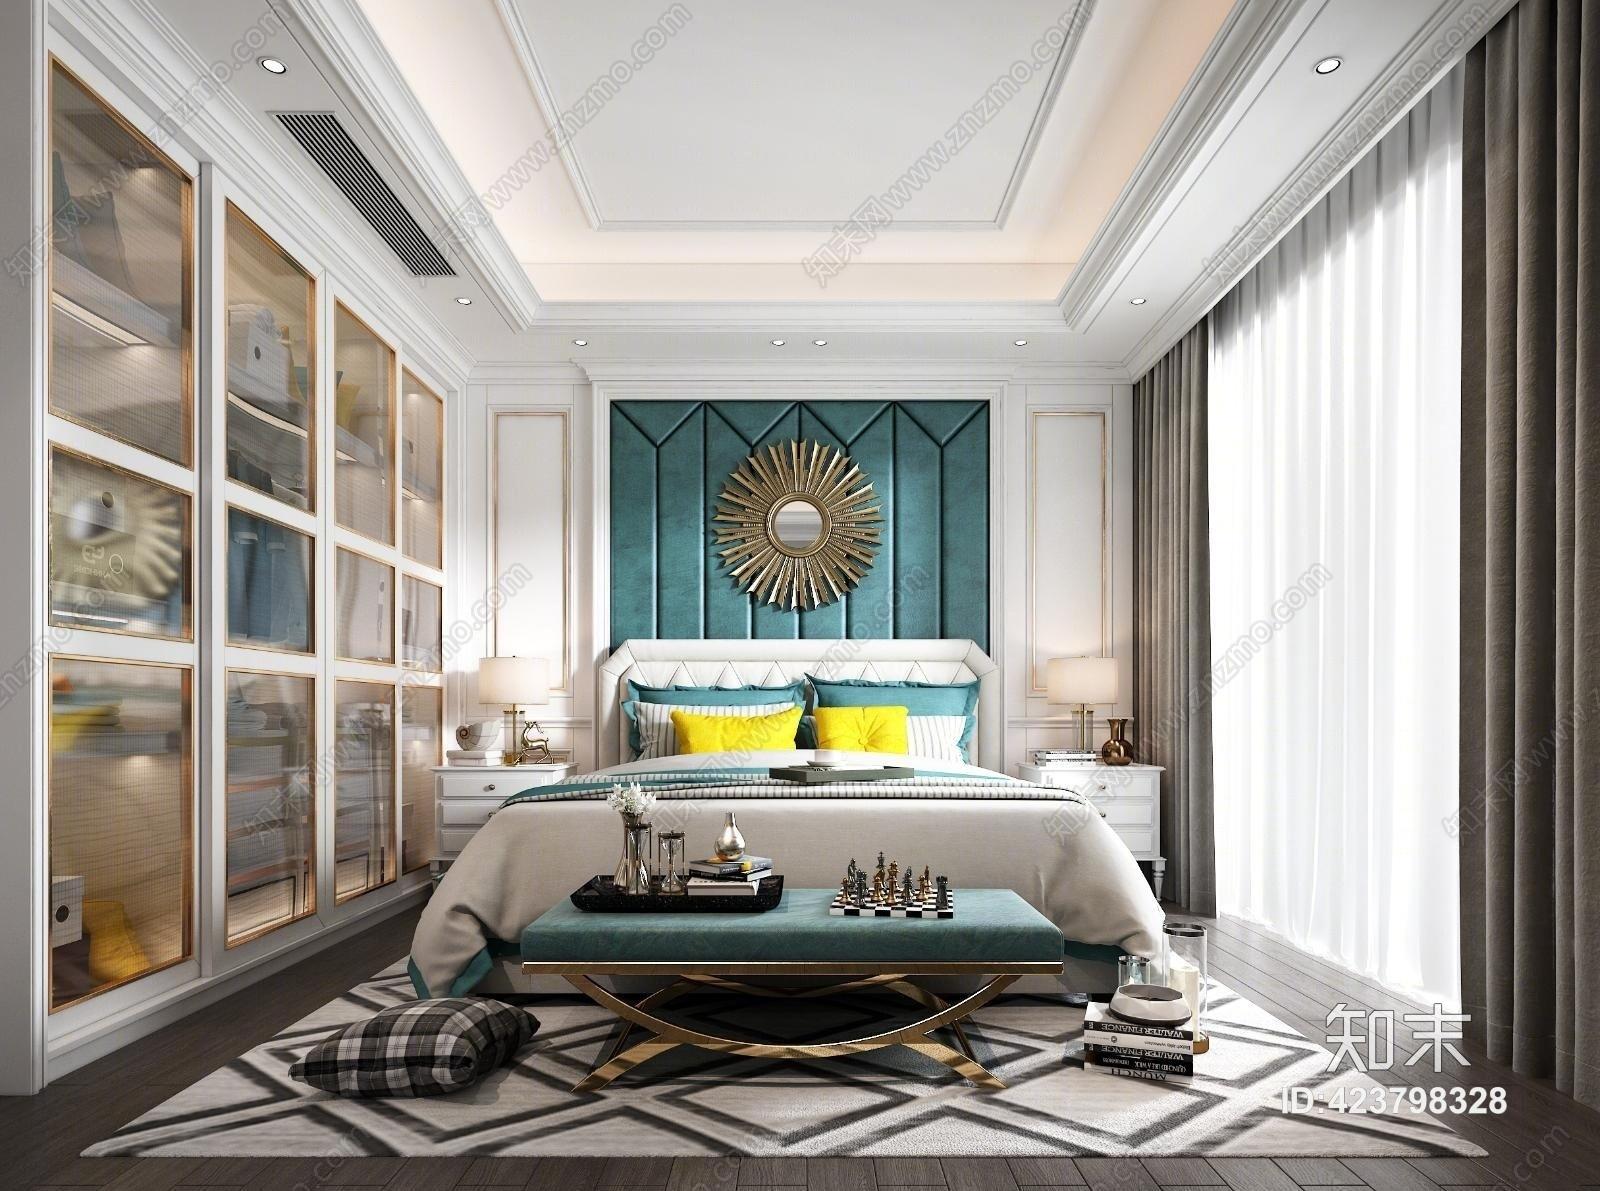 欧式主人房 窗 台灯 窗帘 衣柜 床头柜 地毯 装饰品 摆件 挂件